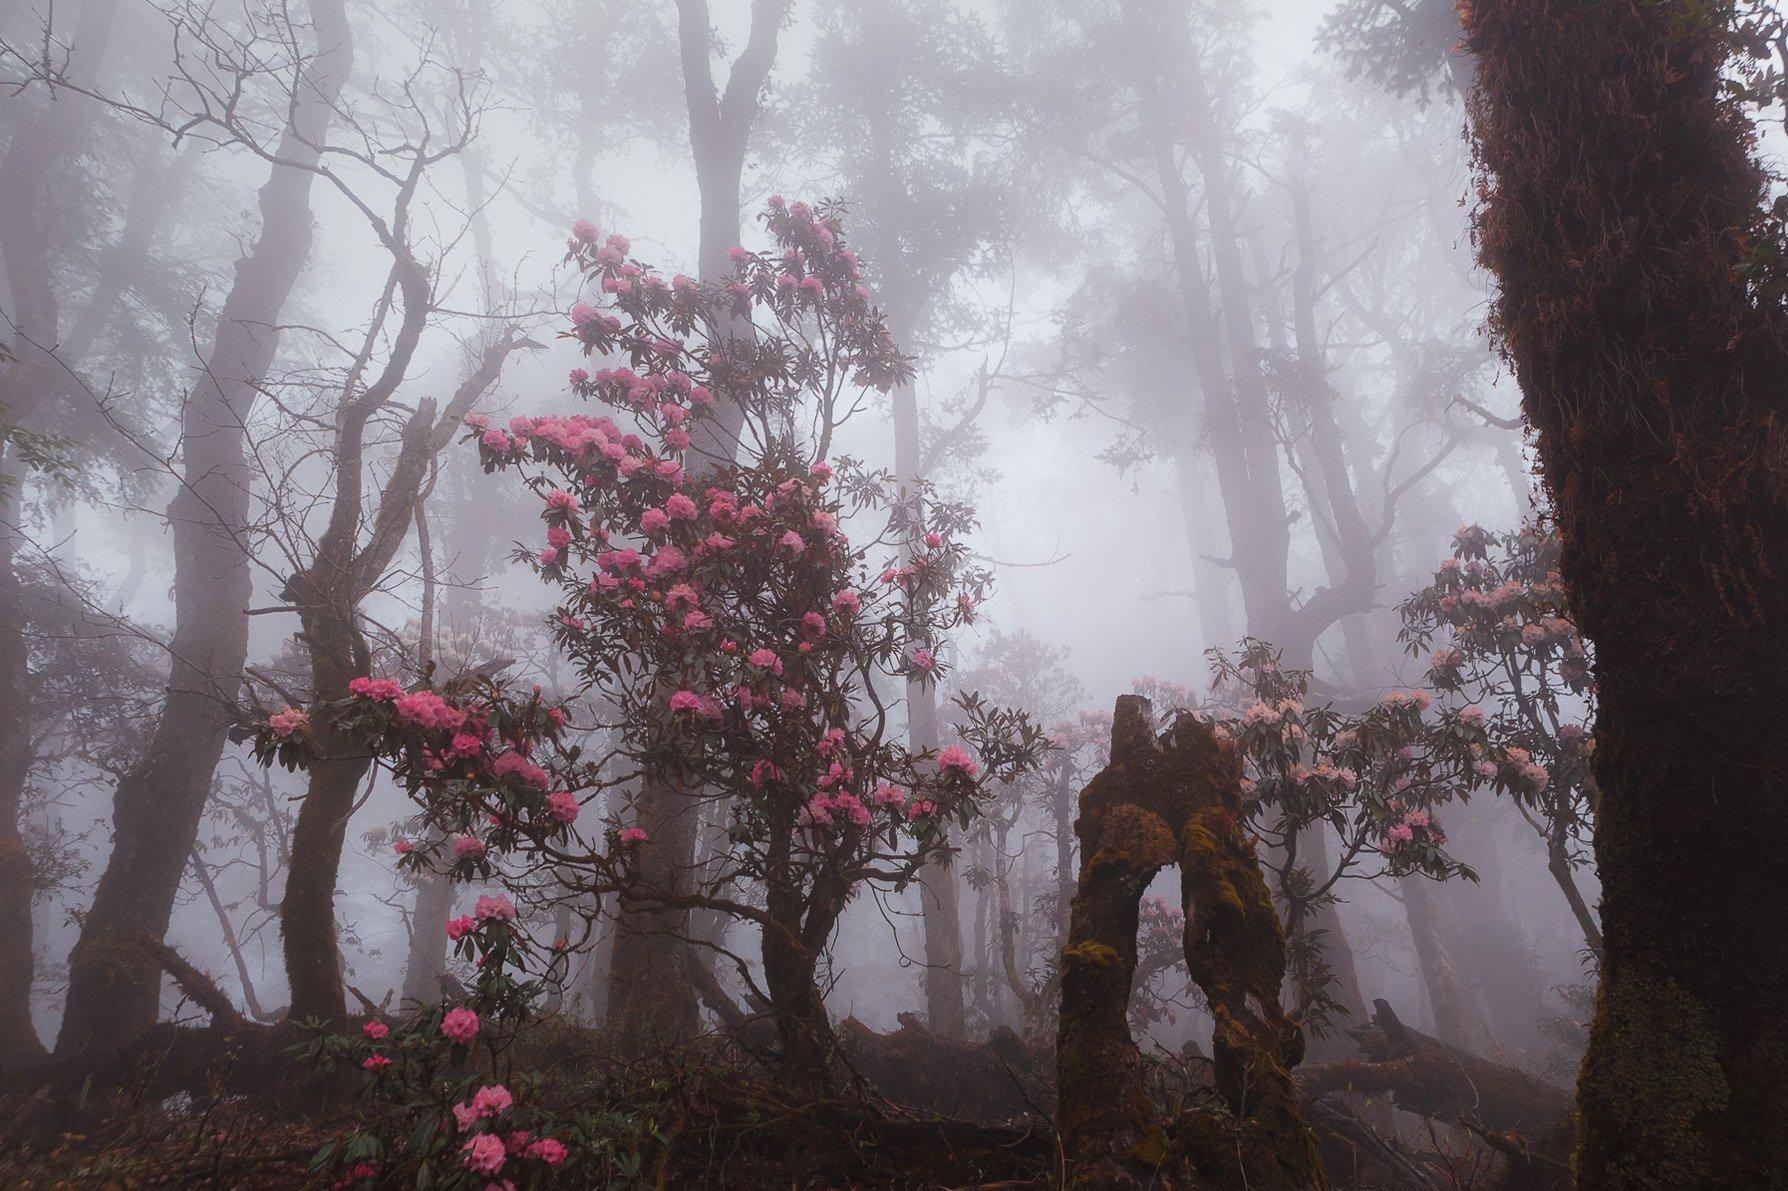 непал, гималаи, лес,туман, цветение, горы, Купрацевич Дмитрий